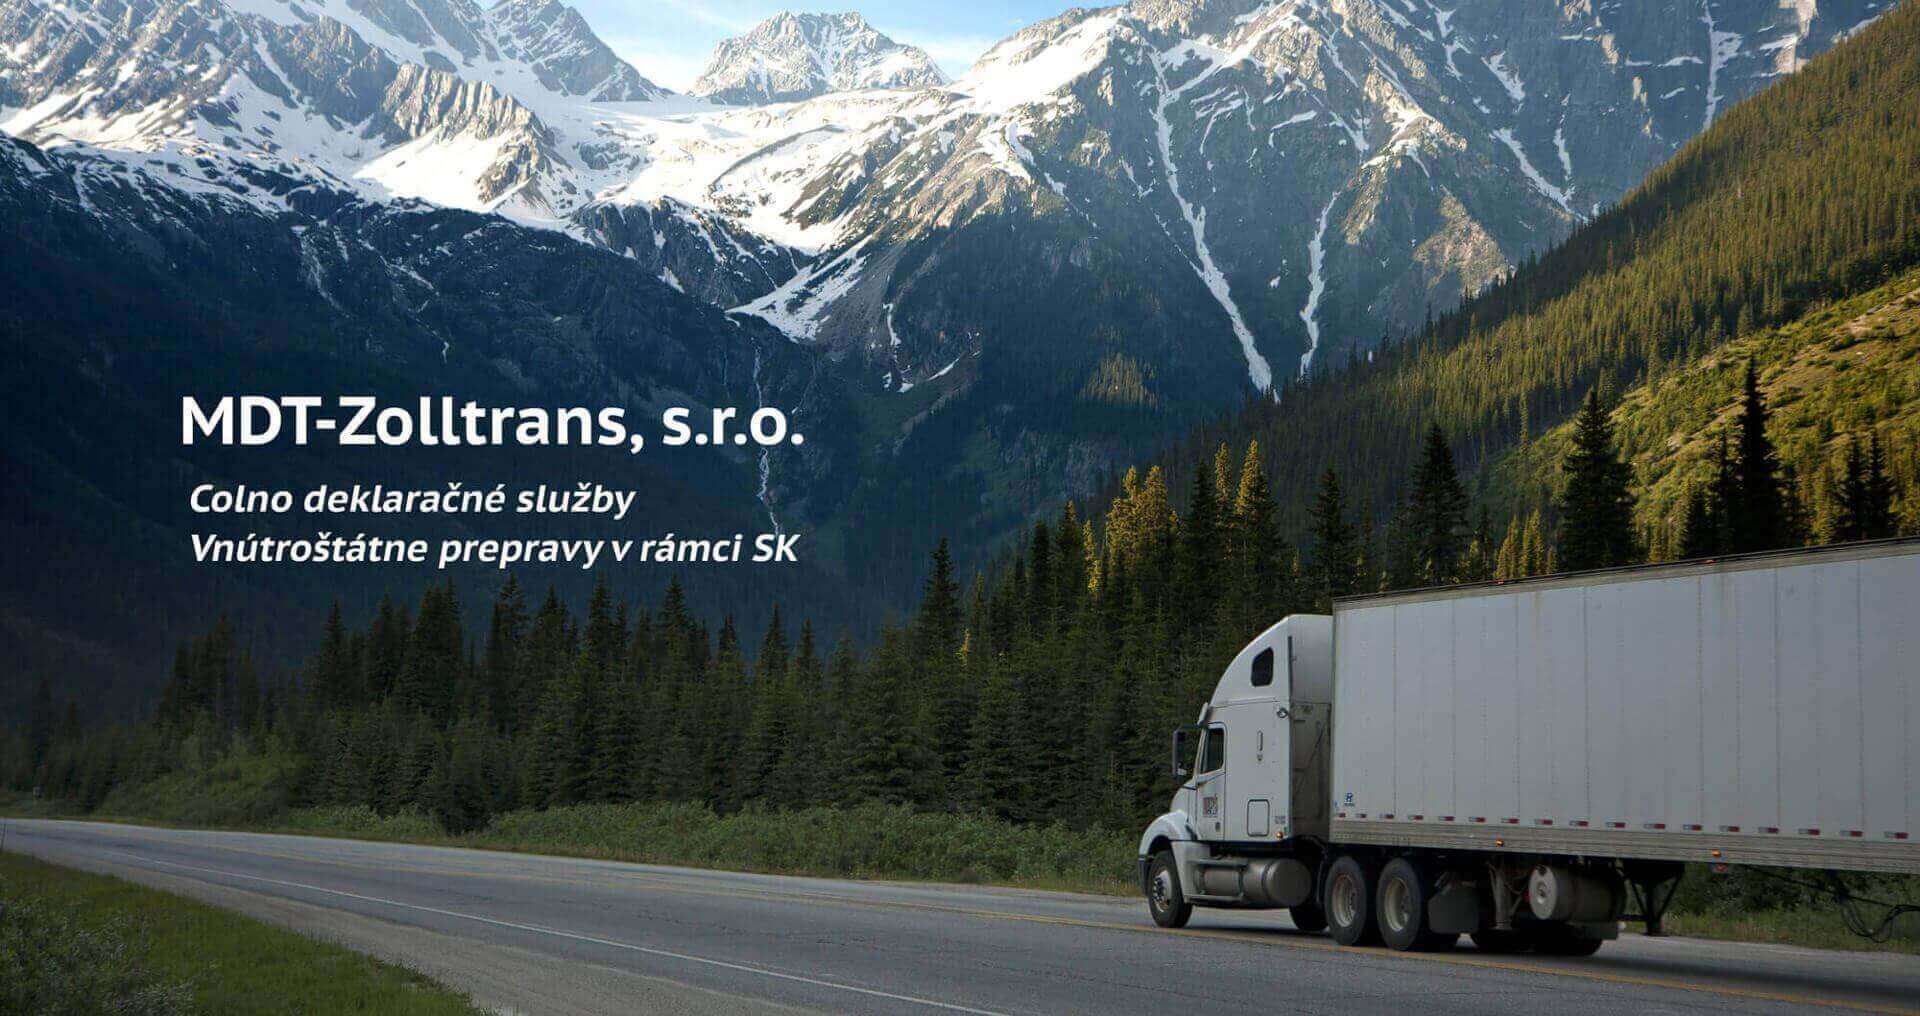 kamión v horách